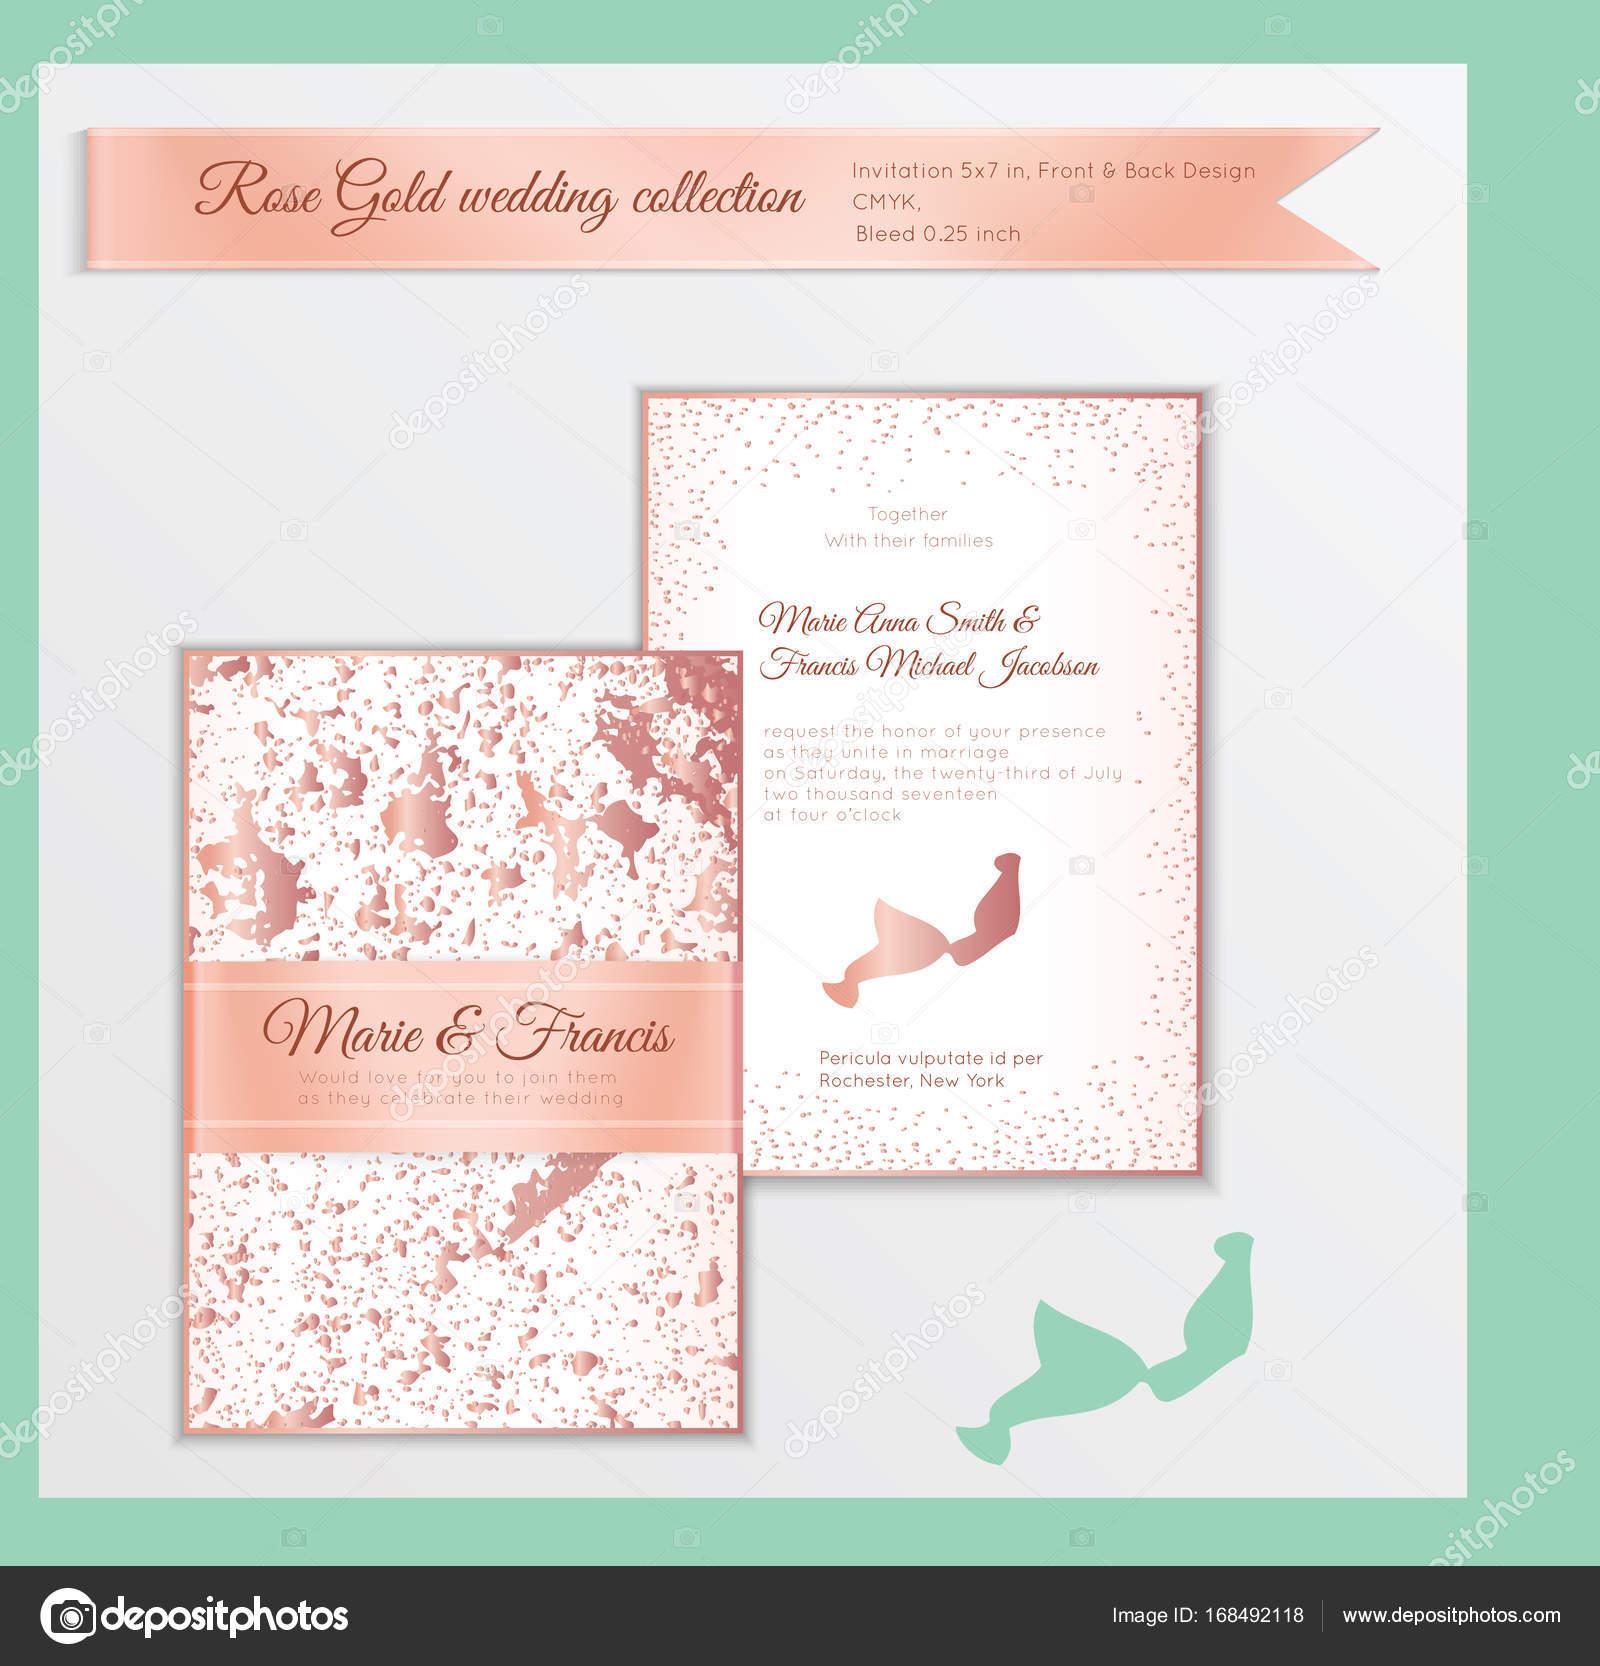 Luxus Hochzeit Einladung Vorlage mit rose gold glänzend realitätsnah ...